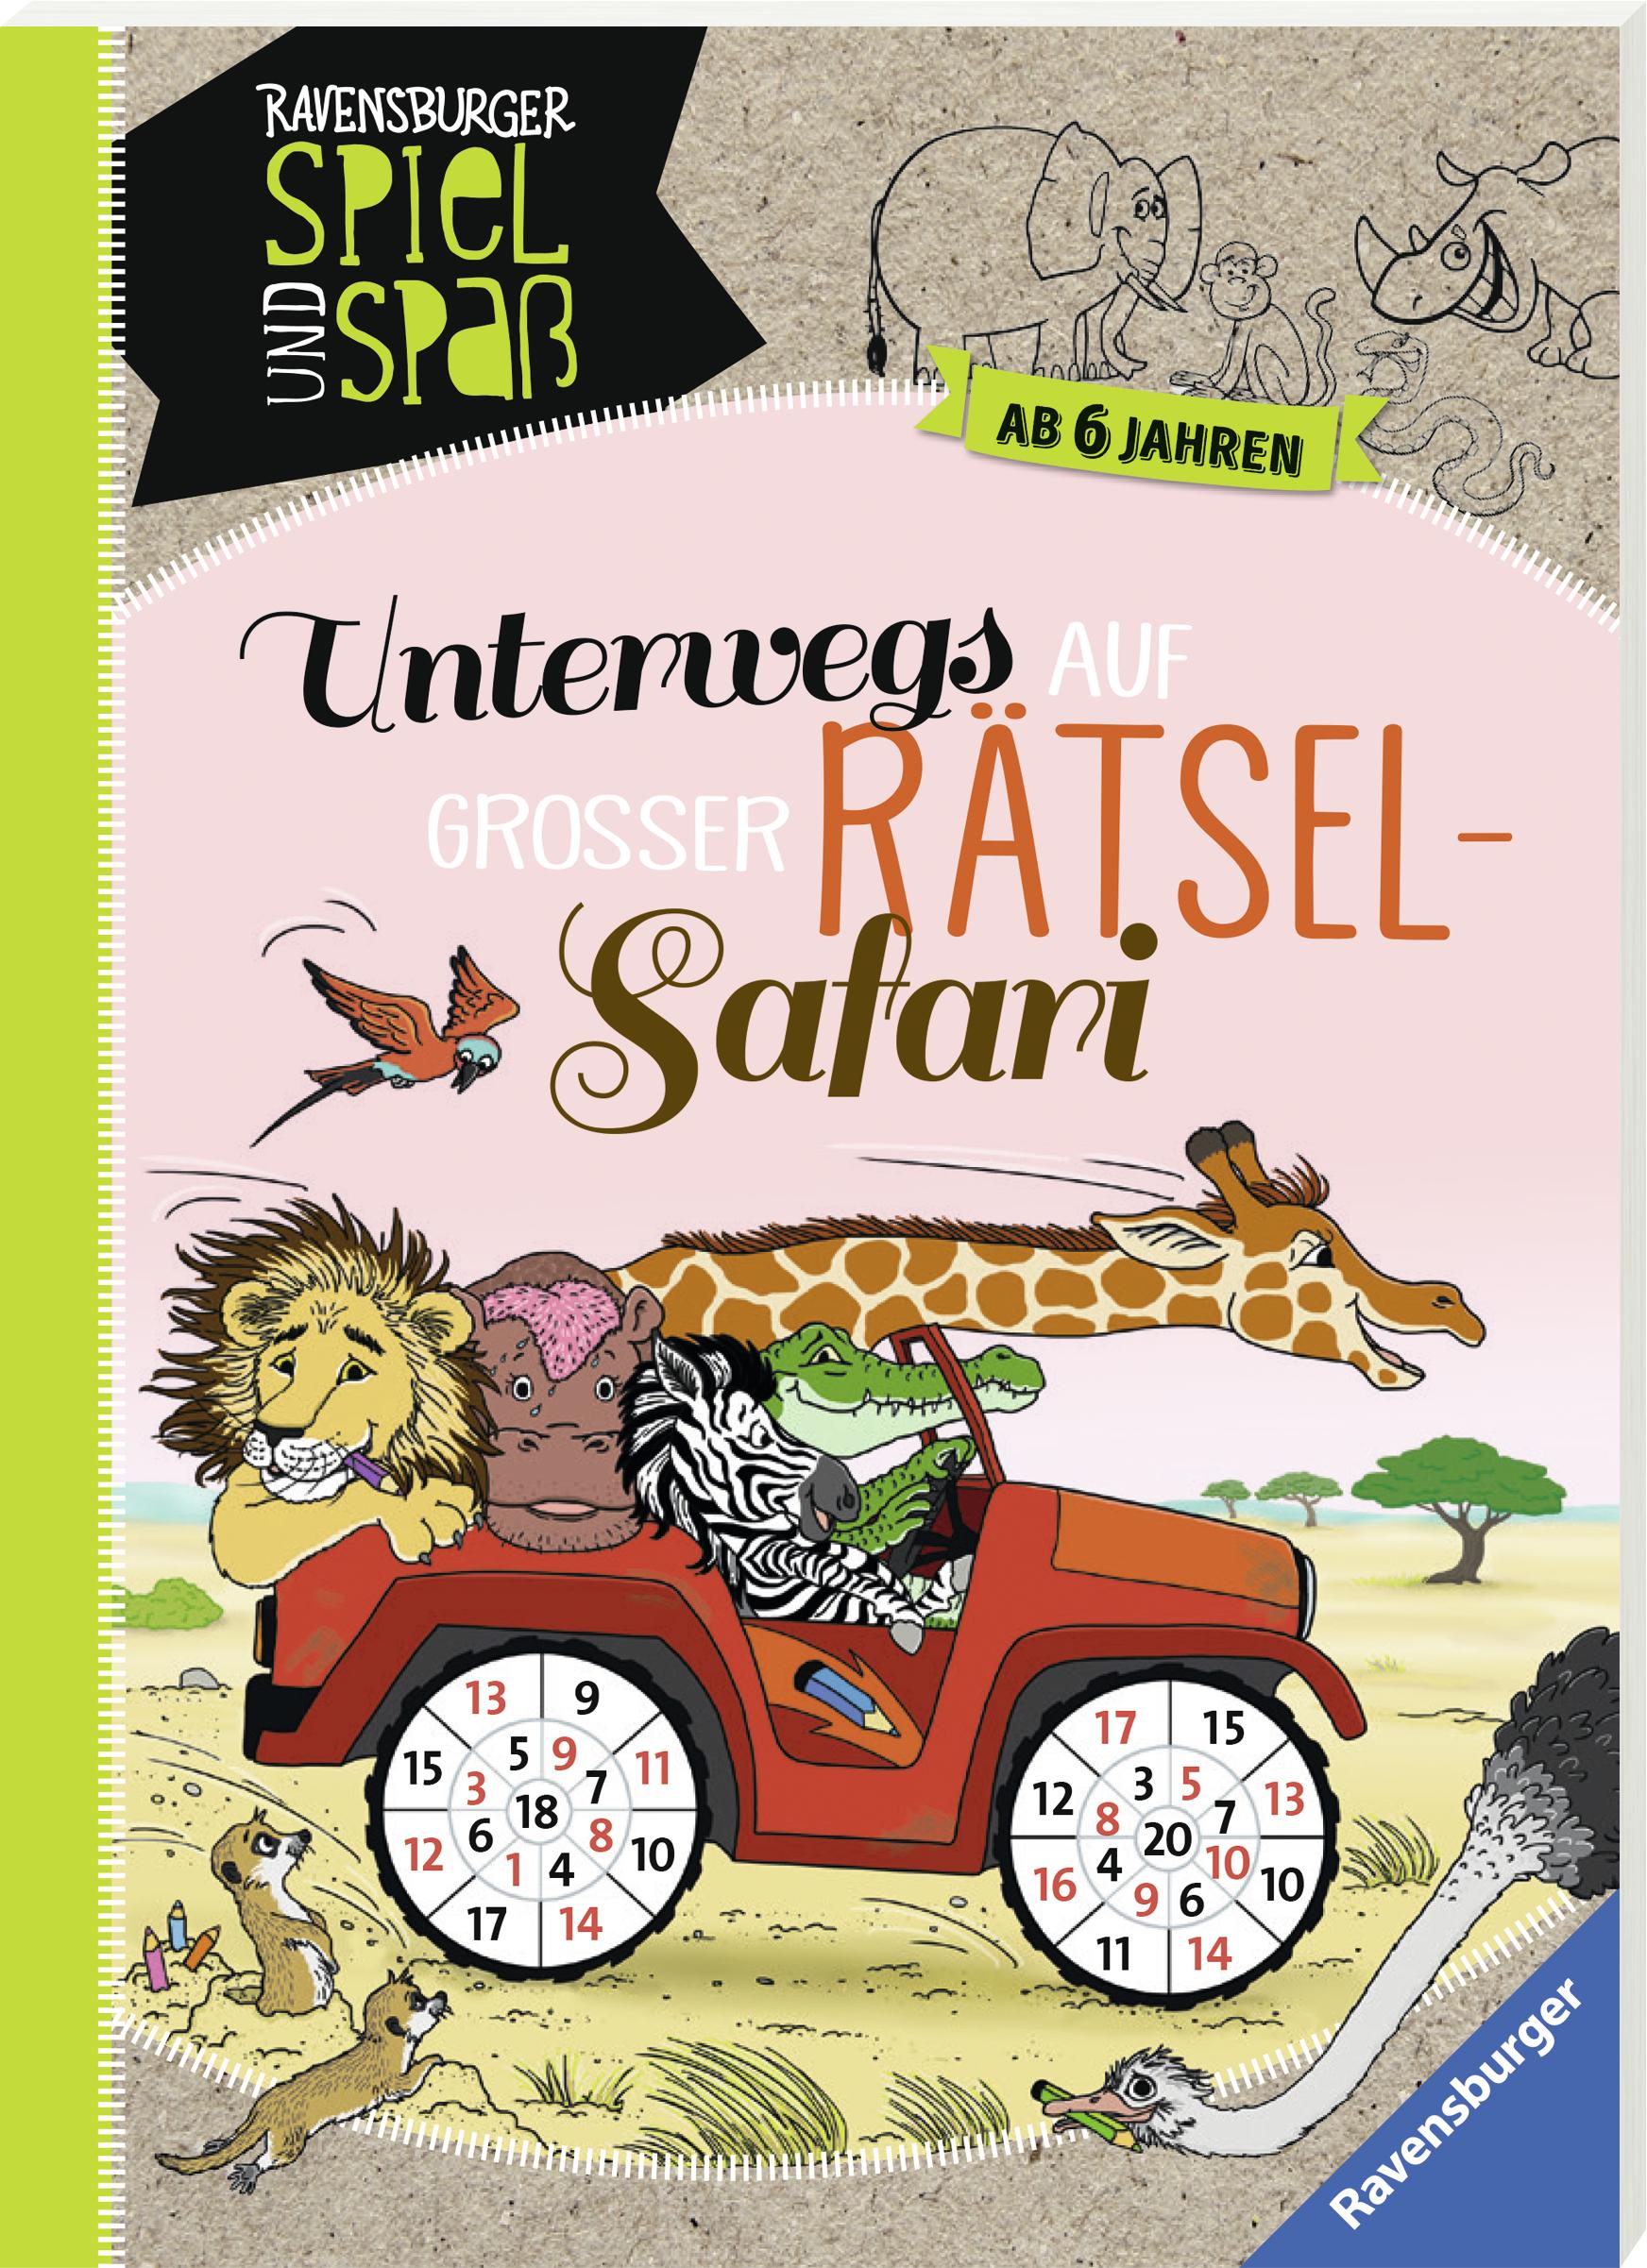 Unterwegs auf großer Rätsel-Safari